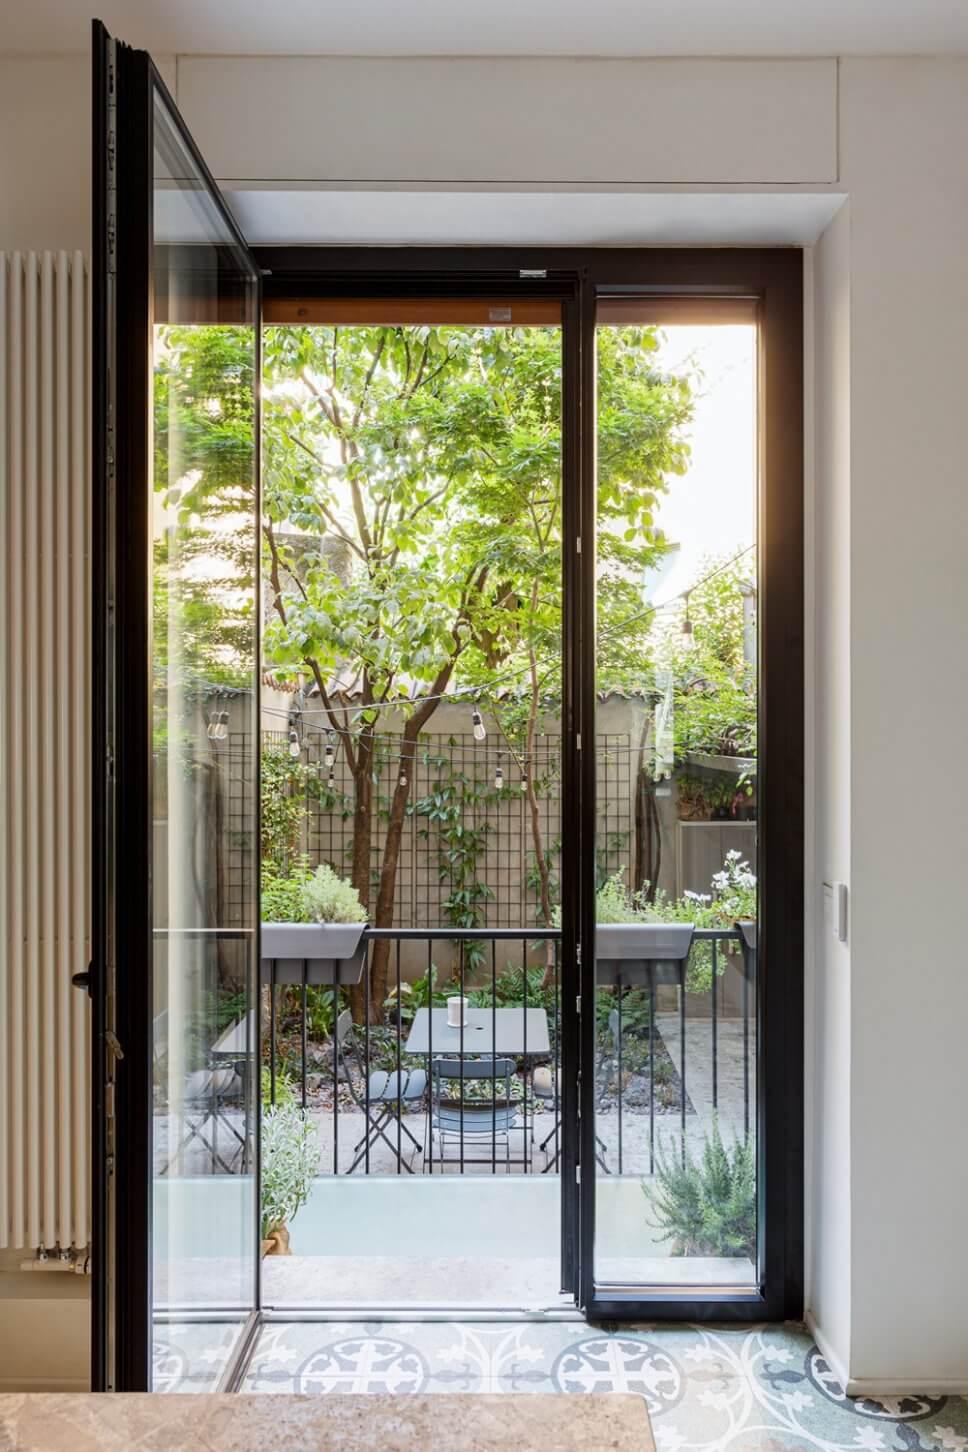 Geöffnete Balkontür mit Blick auf begrünten Innenhof mit Tisch-Stuhl-Ensemble